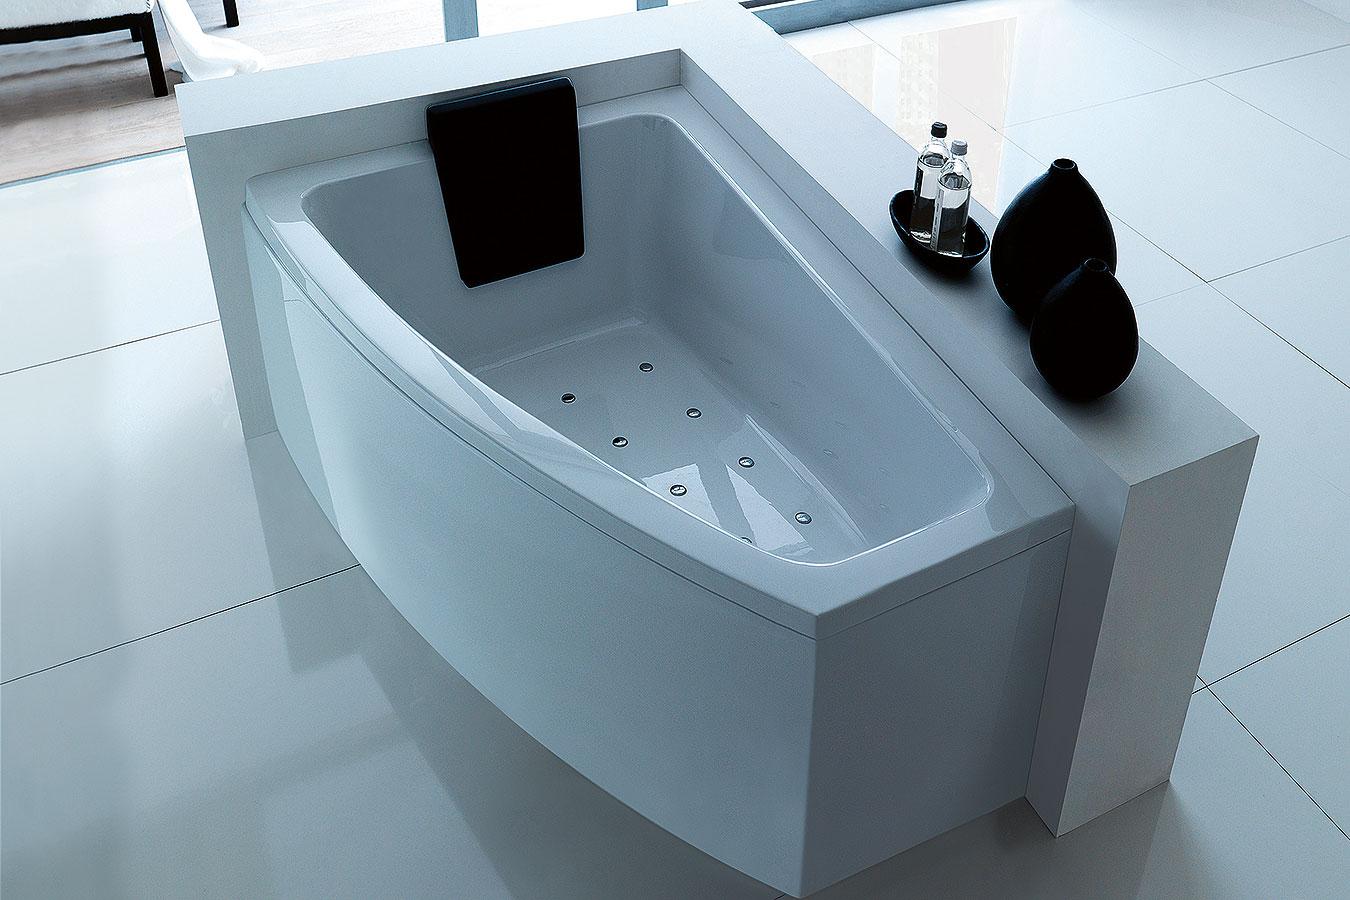 La migliore Vasche Da Bagno Colorate Idee e immagini di ispirazione  ezsrc.com Trova immagini ...